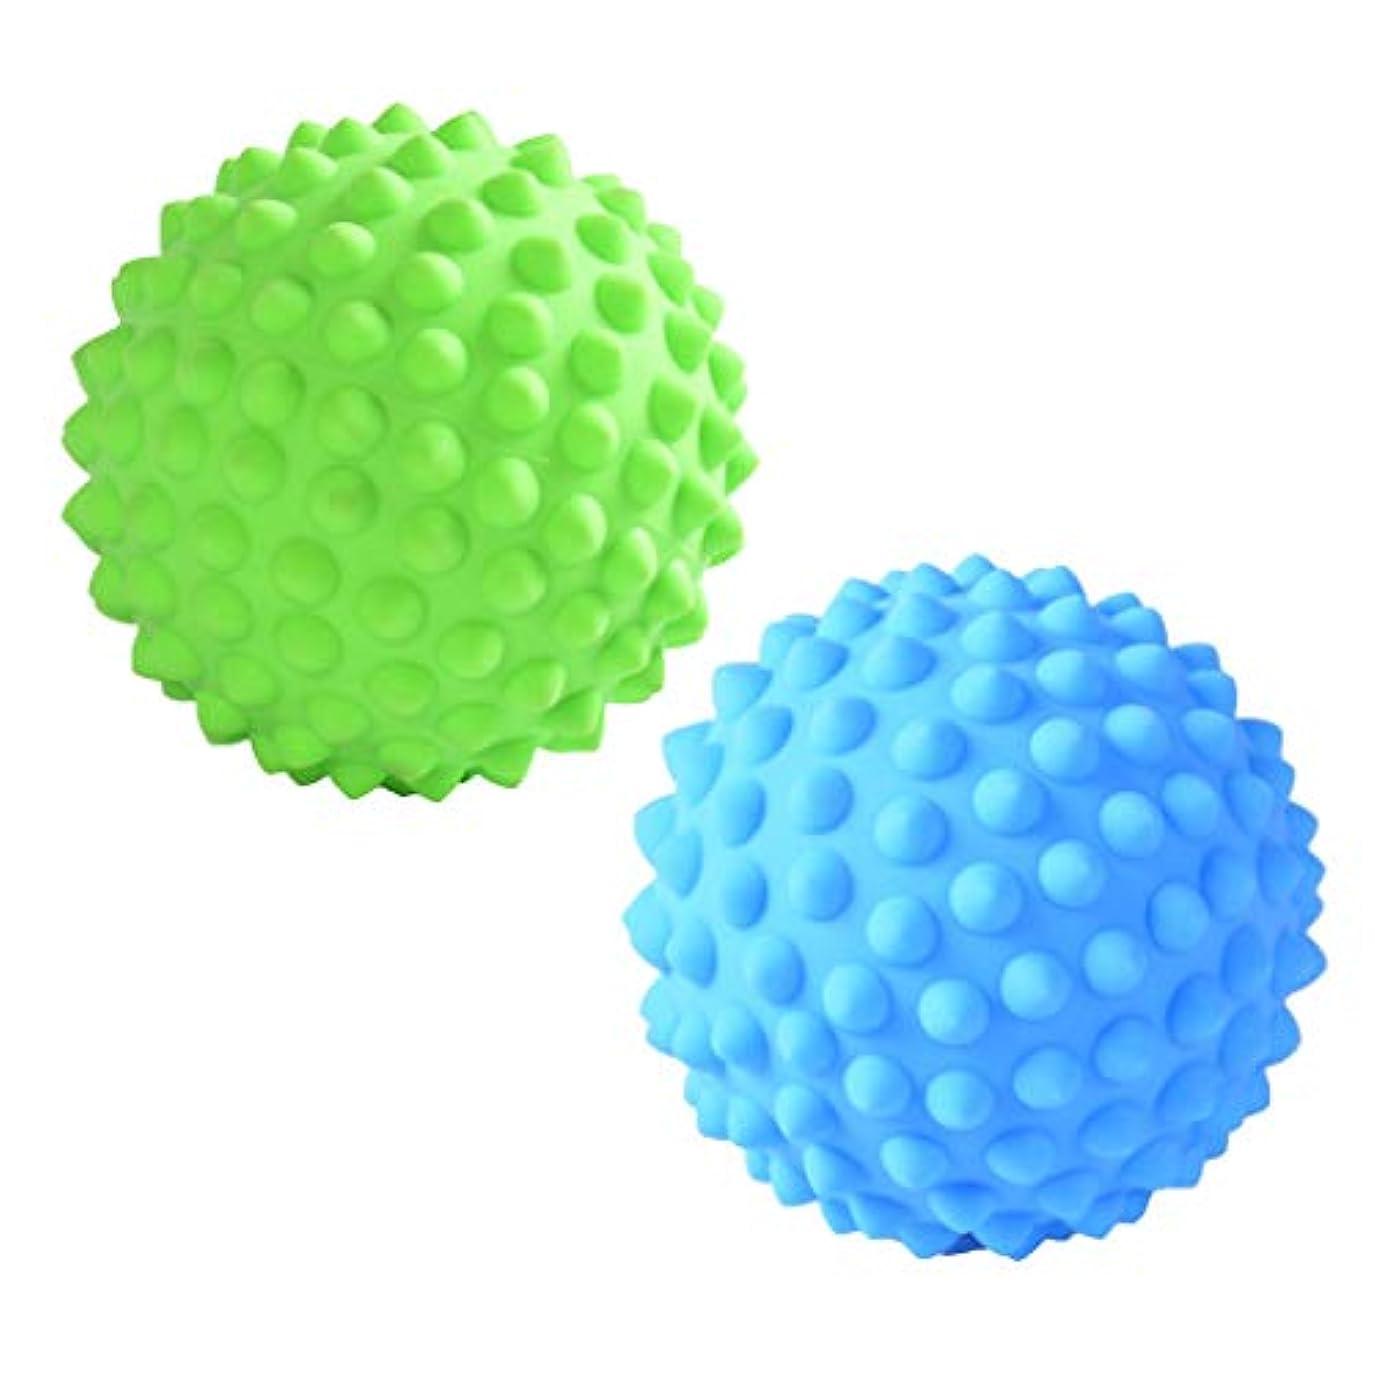 君主みすぼらしい均等にFLAMEER 2個 マッサージローラーボール 指圧ボール PVC トリガーポイント 疲れ解消ボール ヨガ 疲労軽減